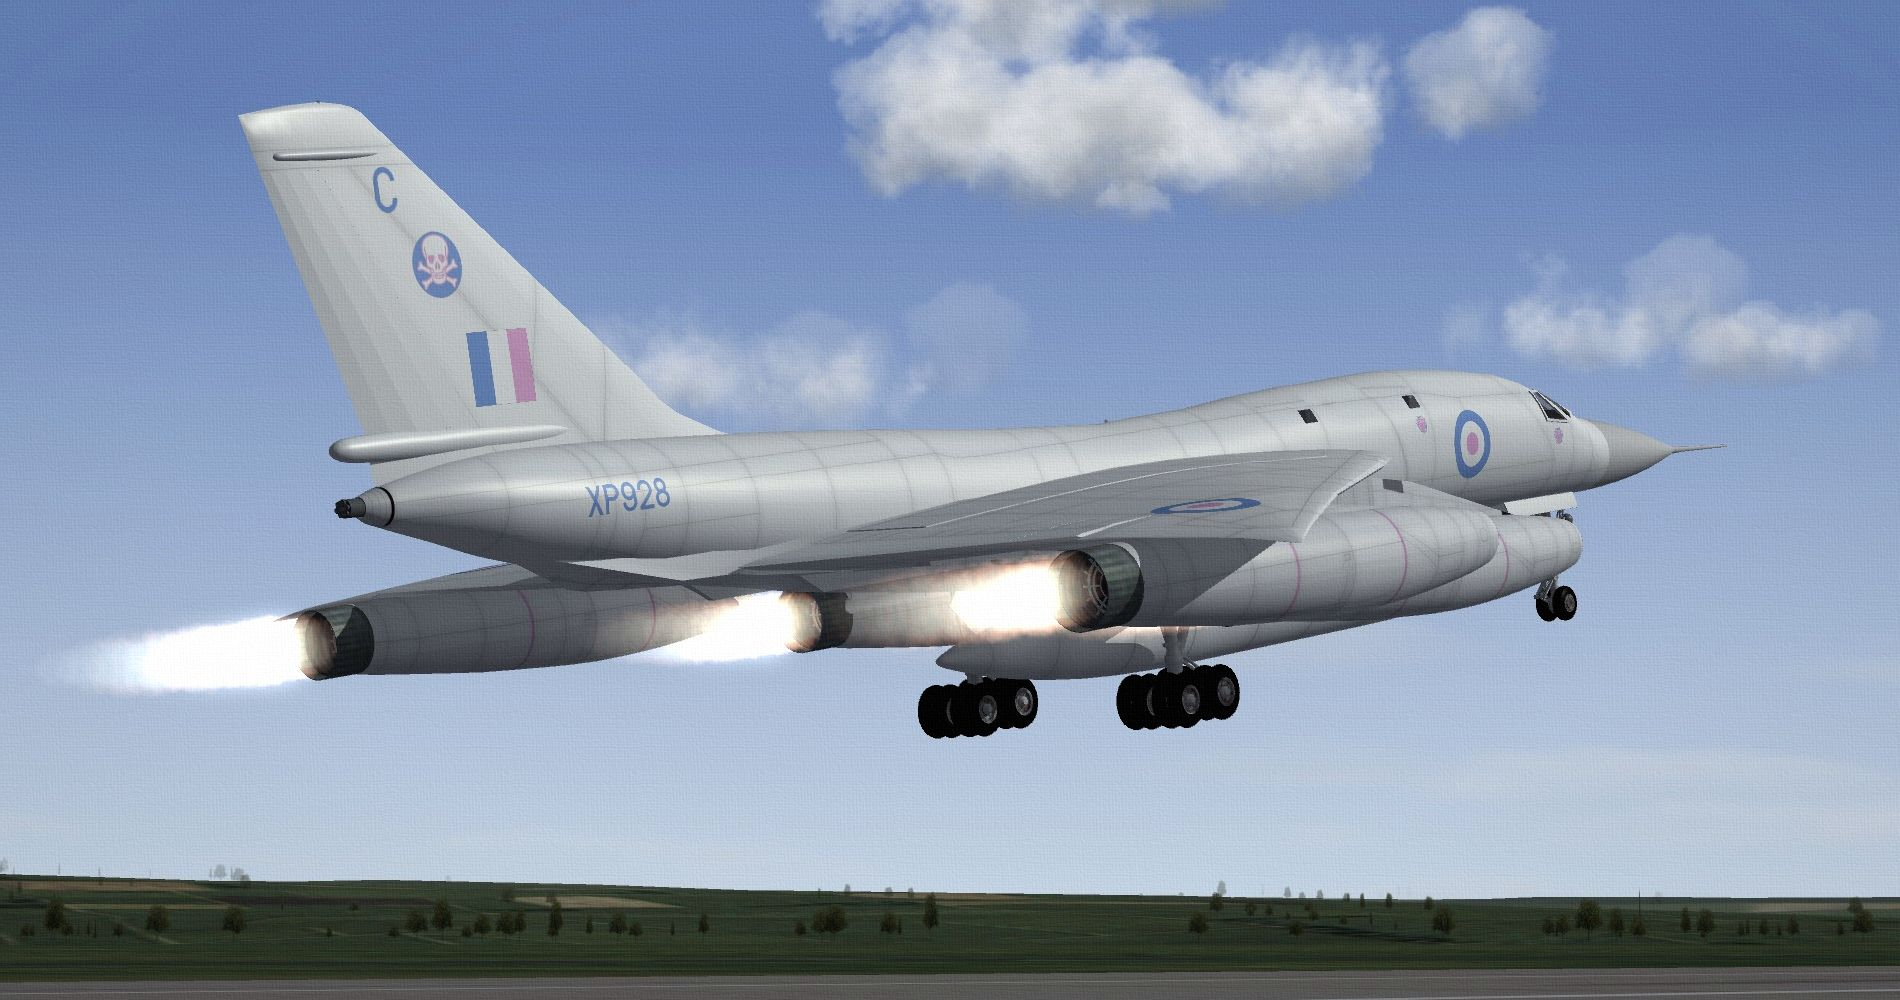 RAF%20HUSTLER%20B1.03_zpsyno77hb0.jpg